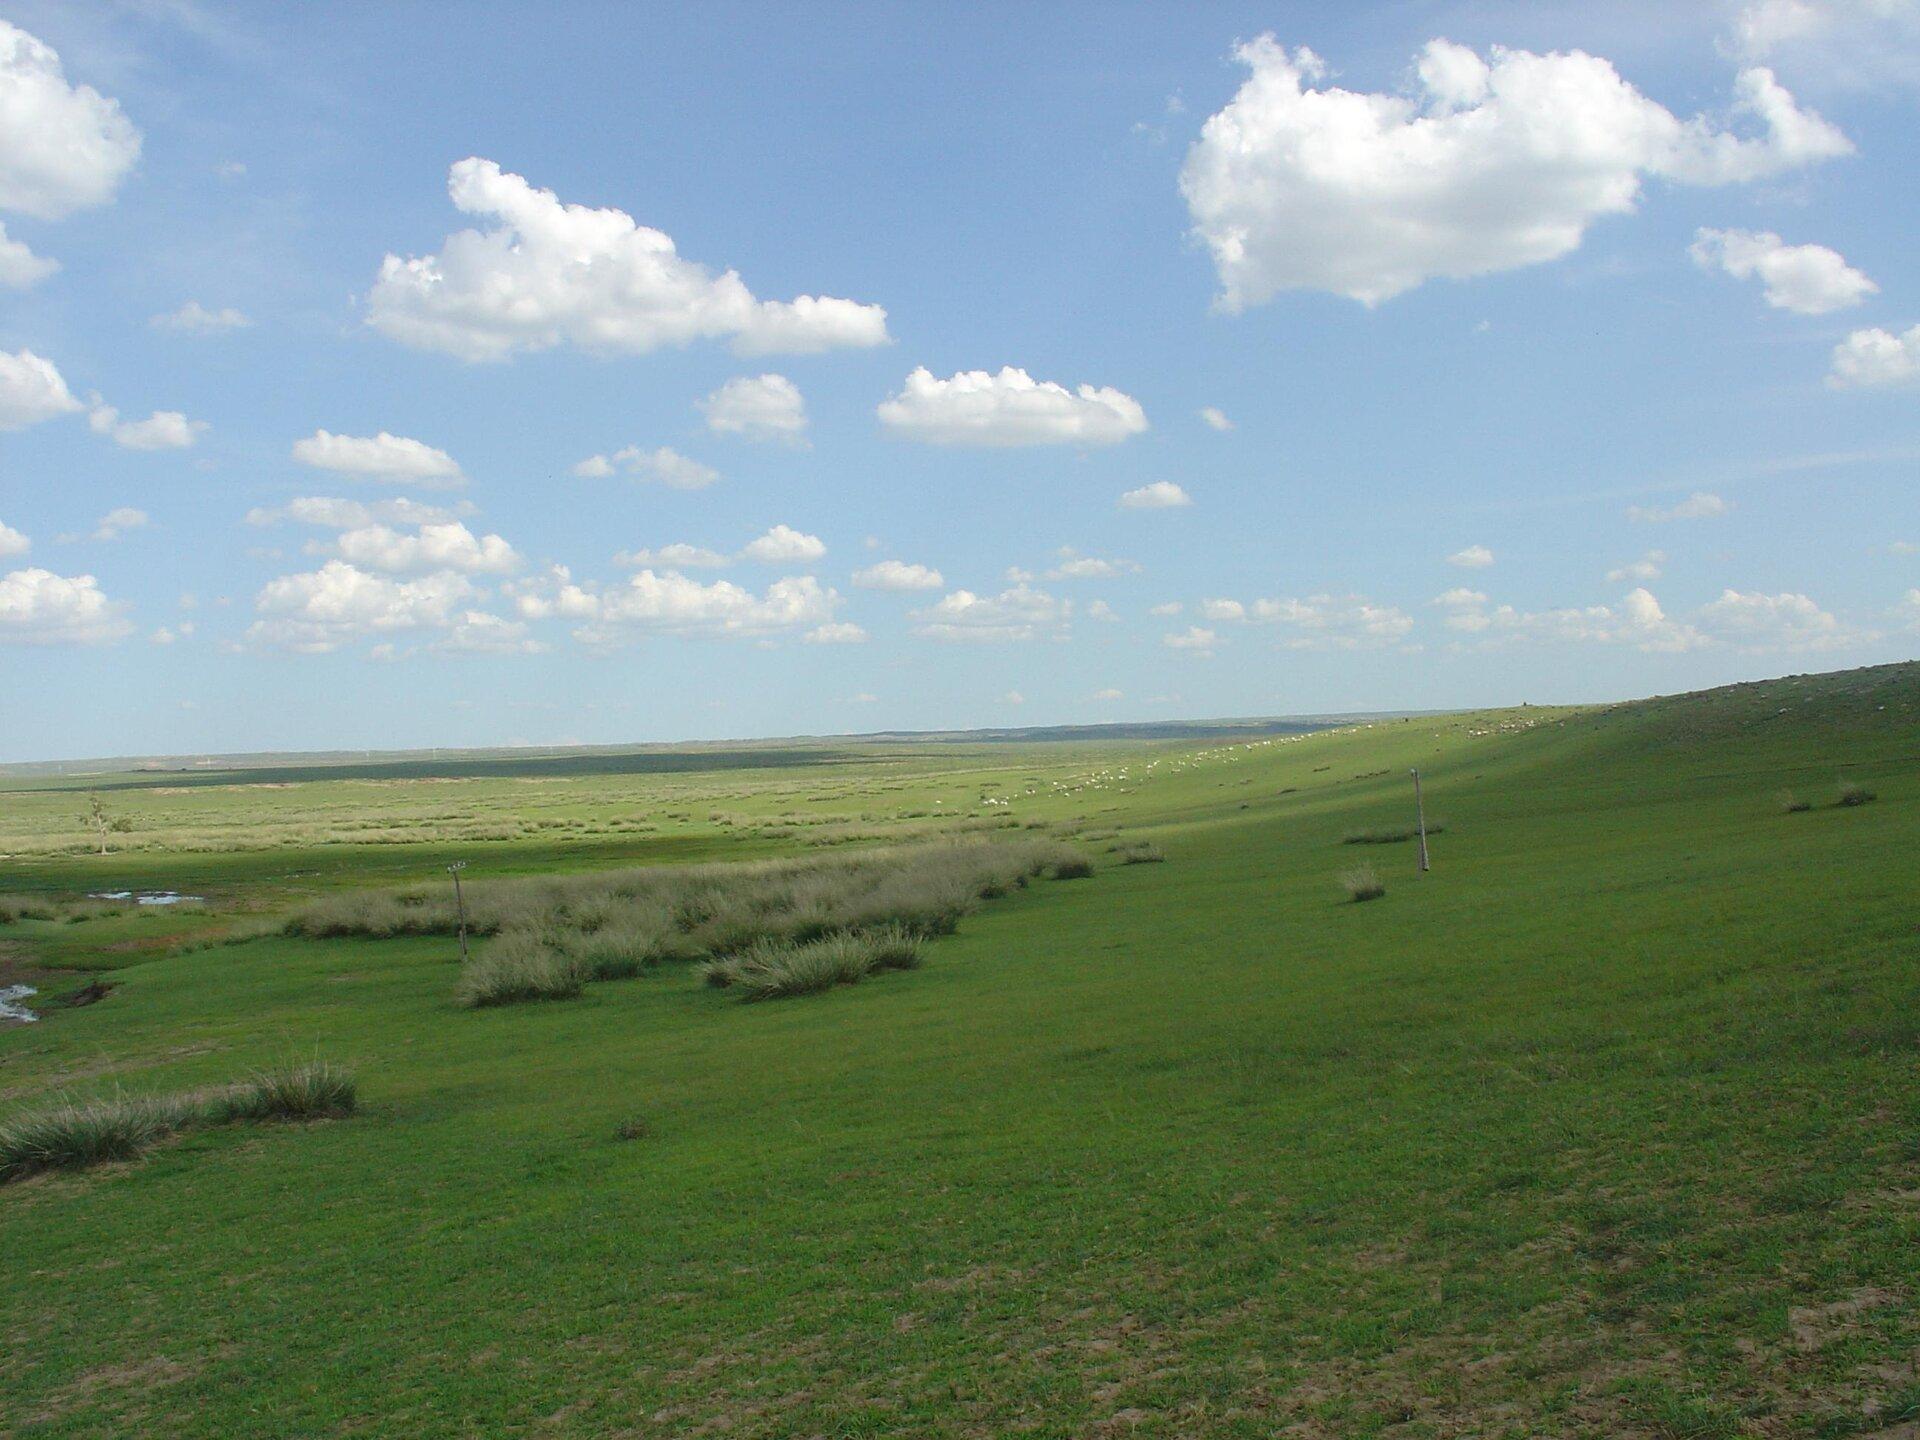 Rozległa równina porośnięta trawą. Gdzieniegdzie większe kępki suchych traw. Niebieskie niebo, białe chmury. Słonecznie.